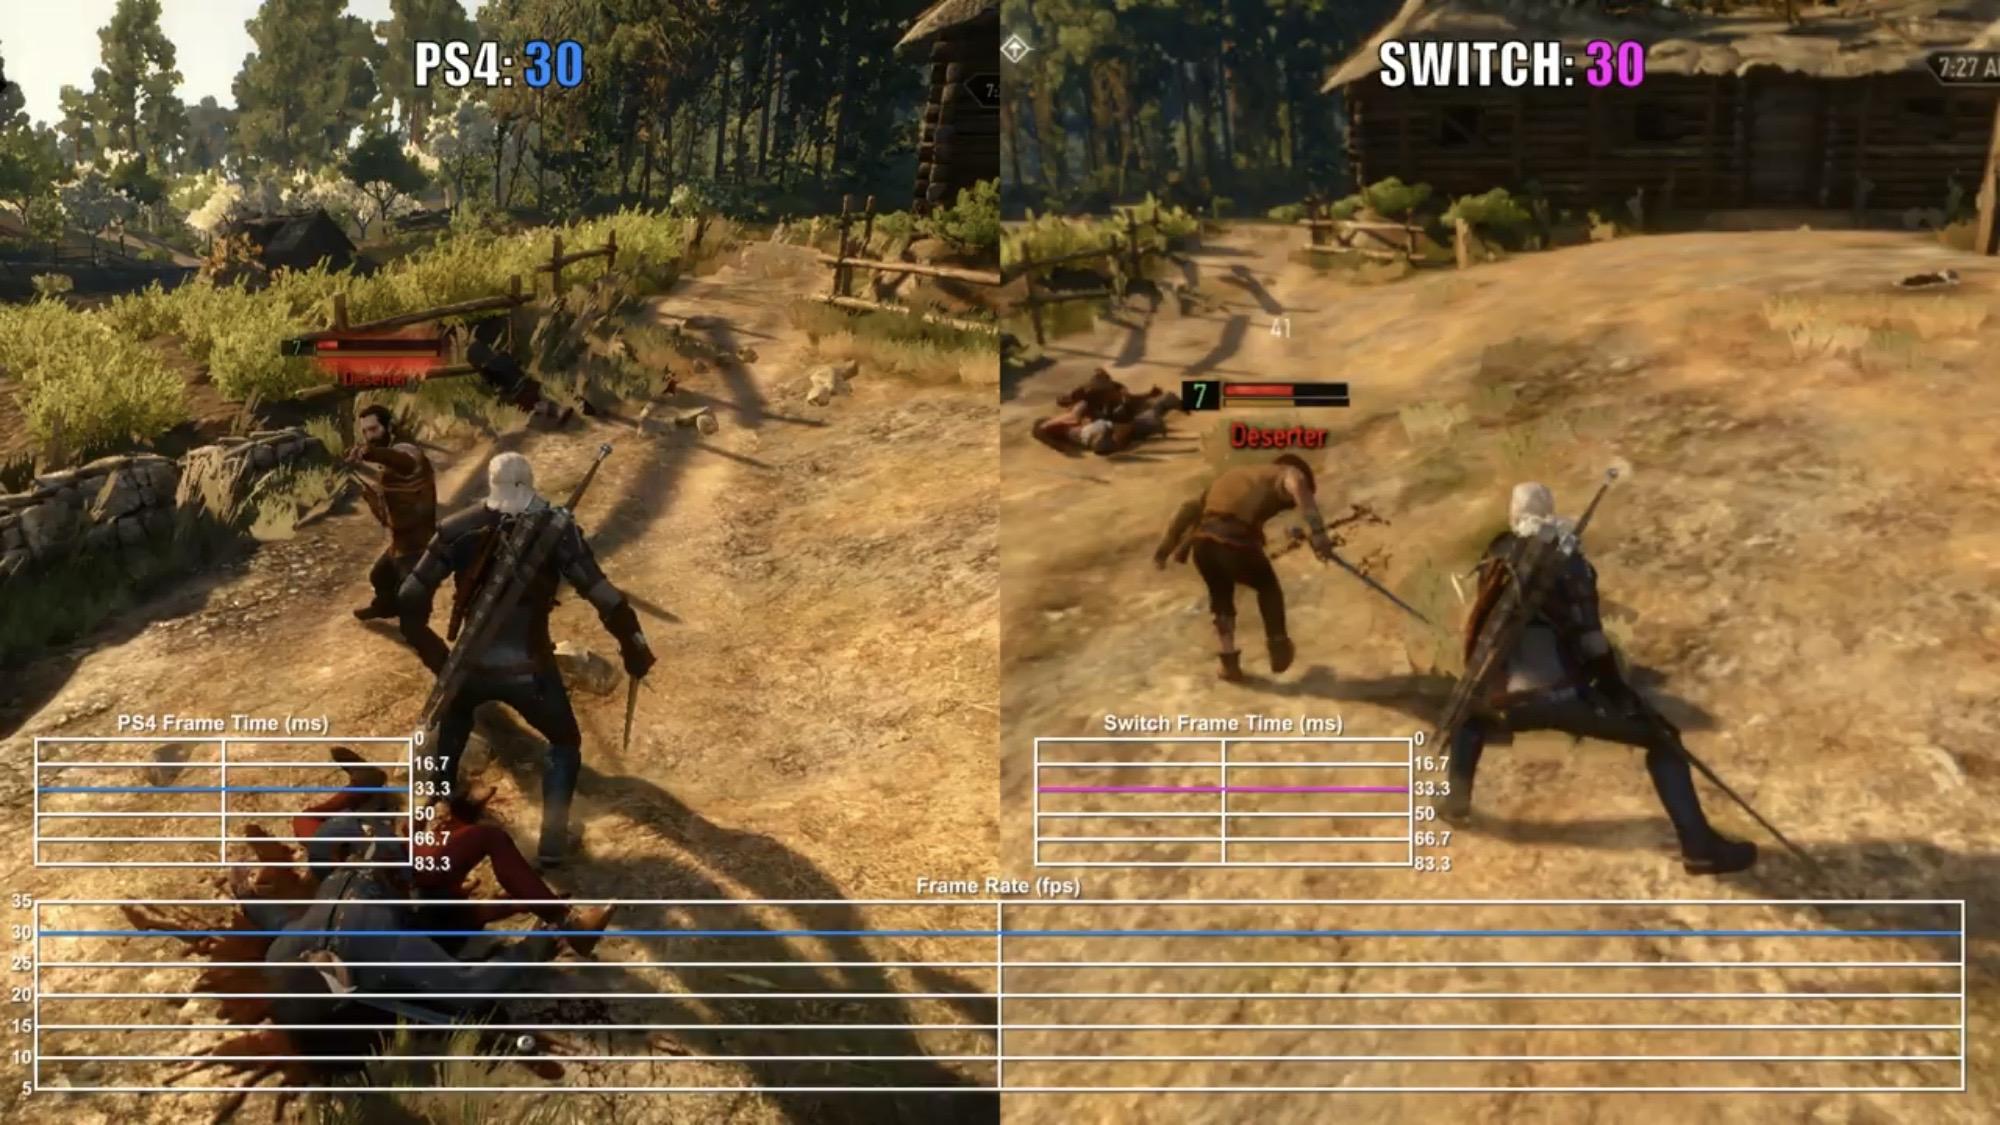 Hnel5oR - ウィッチャー3のSwitch vs PS4のフレームレート比較が到着。30fpsで安定していることが判明!